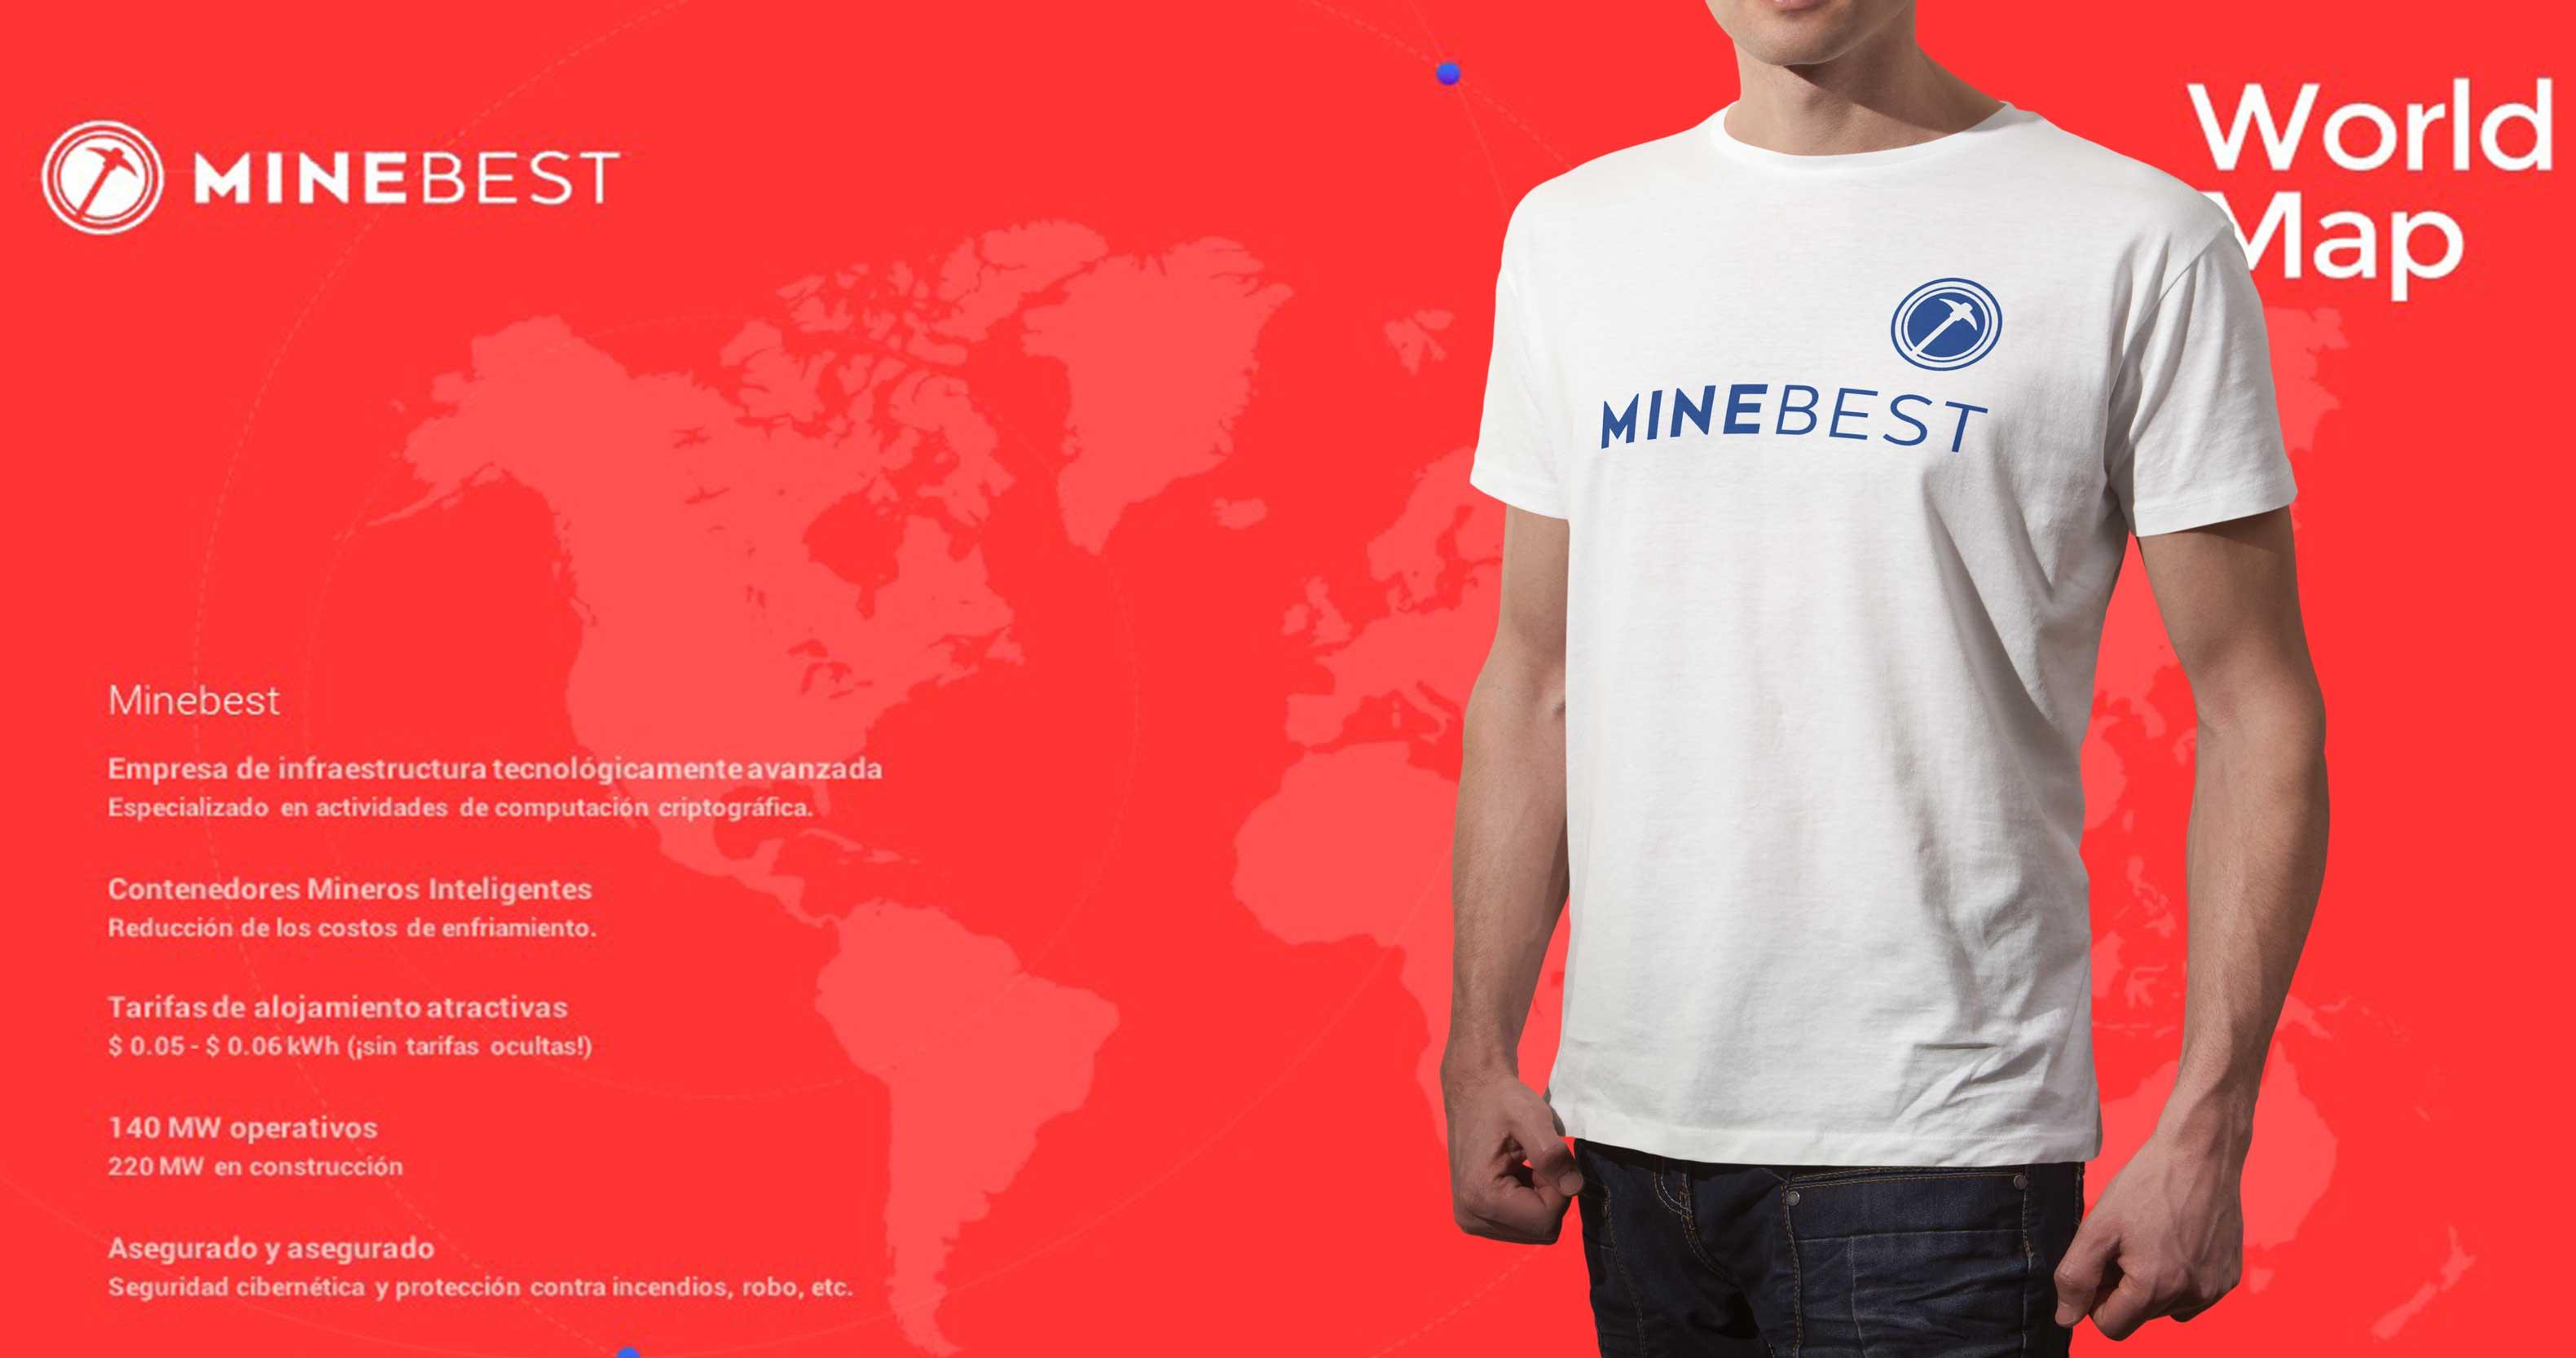 Minería mundial